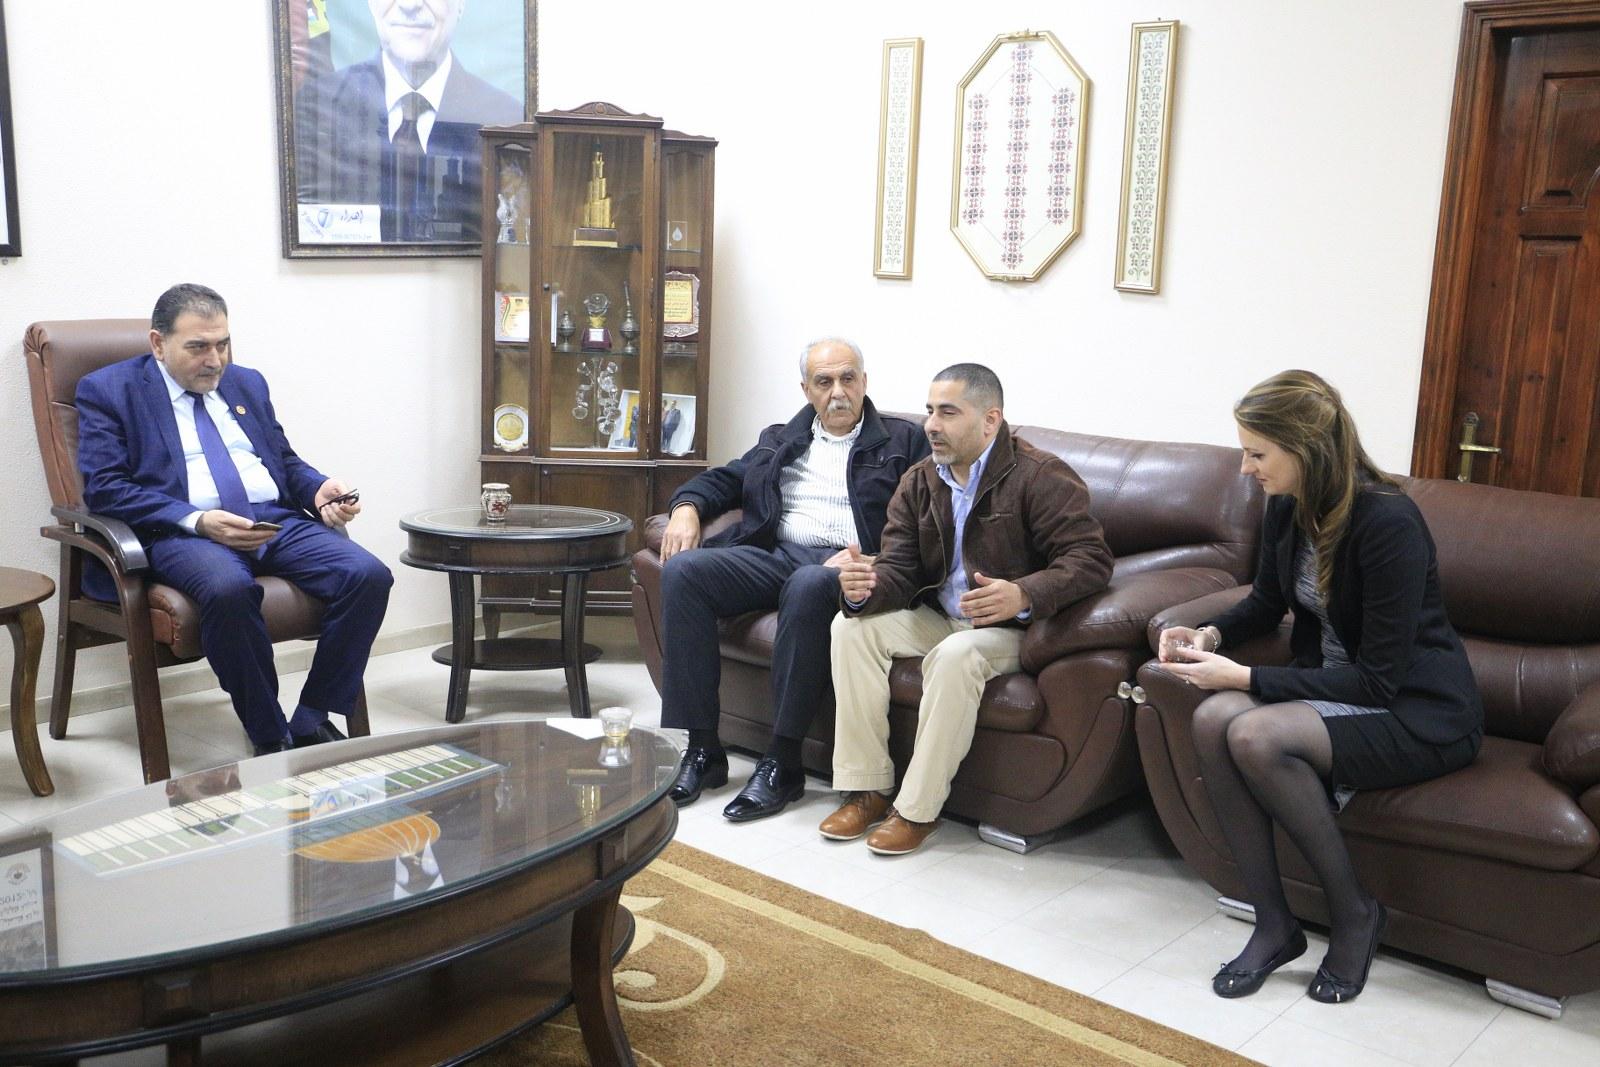 رئيس البلدية يلتقي بوفد من اتحاد البلديات الهولندي